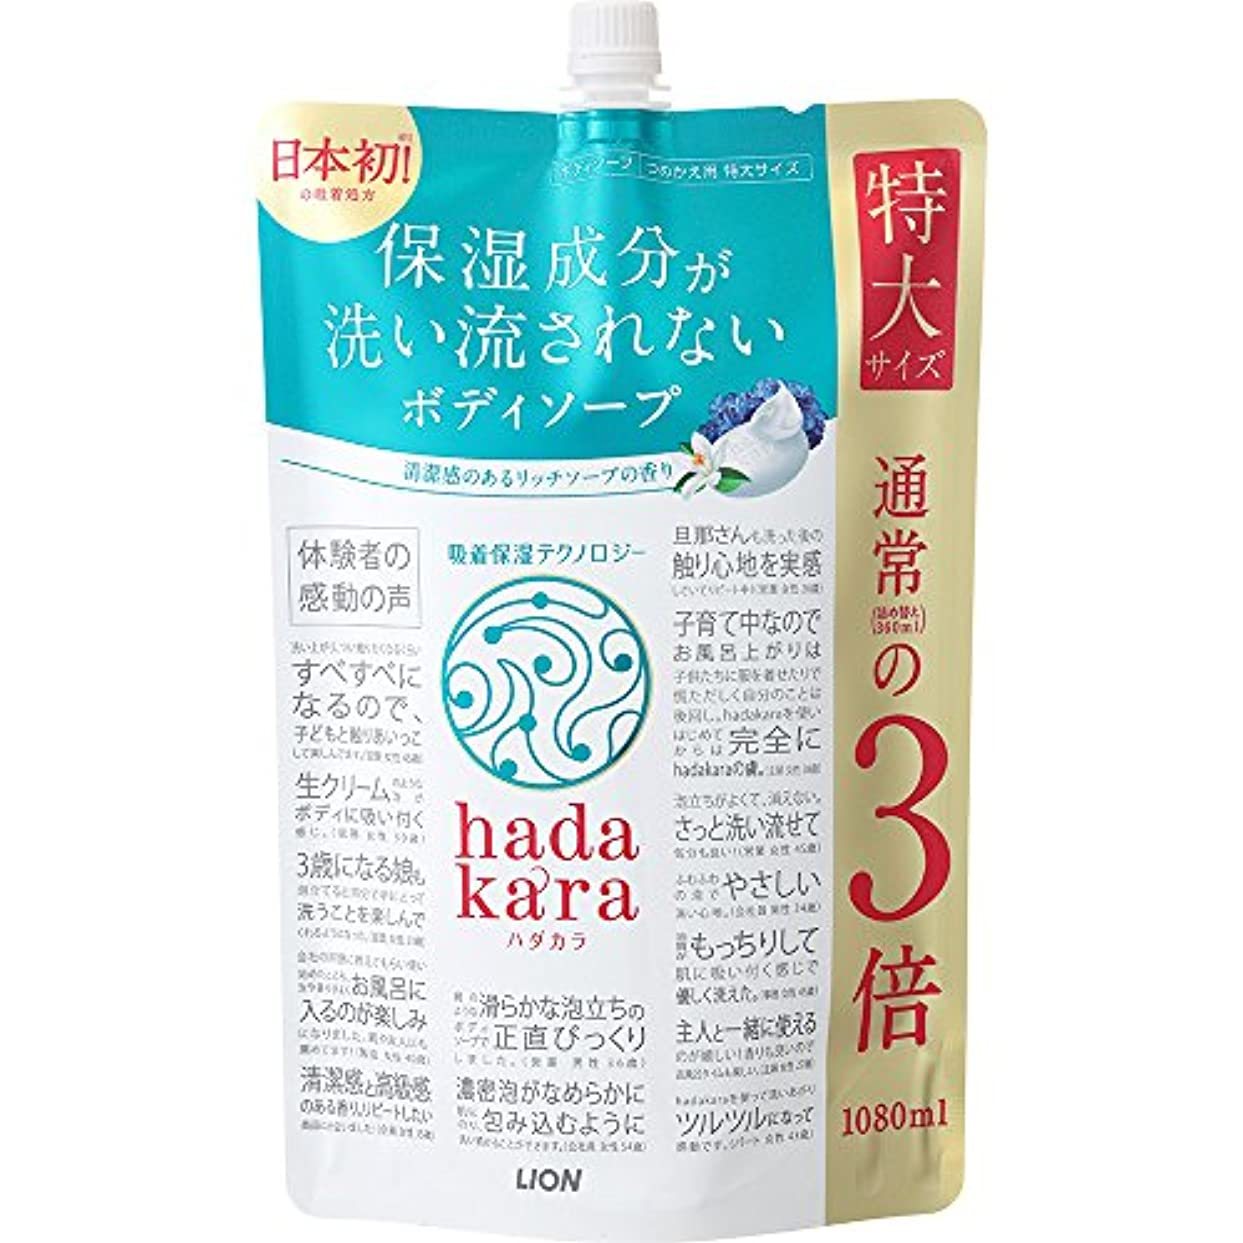 ギャラリー省略するバルク【大容量】hadakara(ハダカラ) ボディソープ リッチソープの香り 詰め替え 特大 1080ml